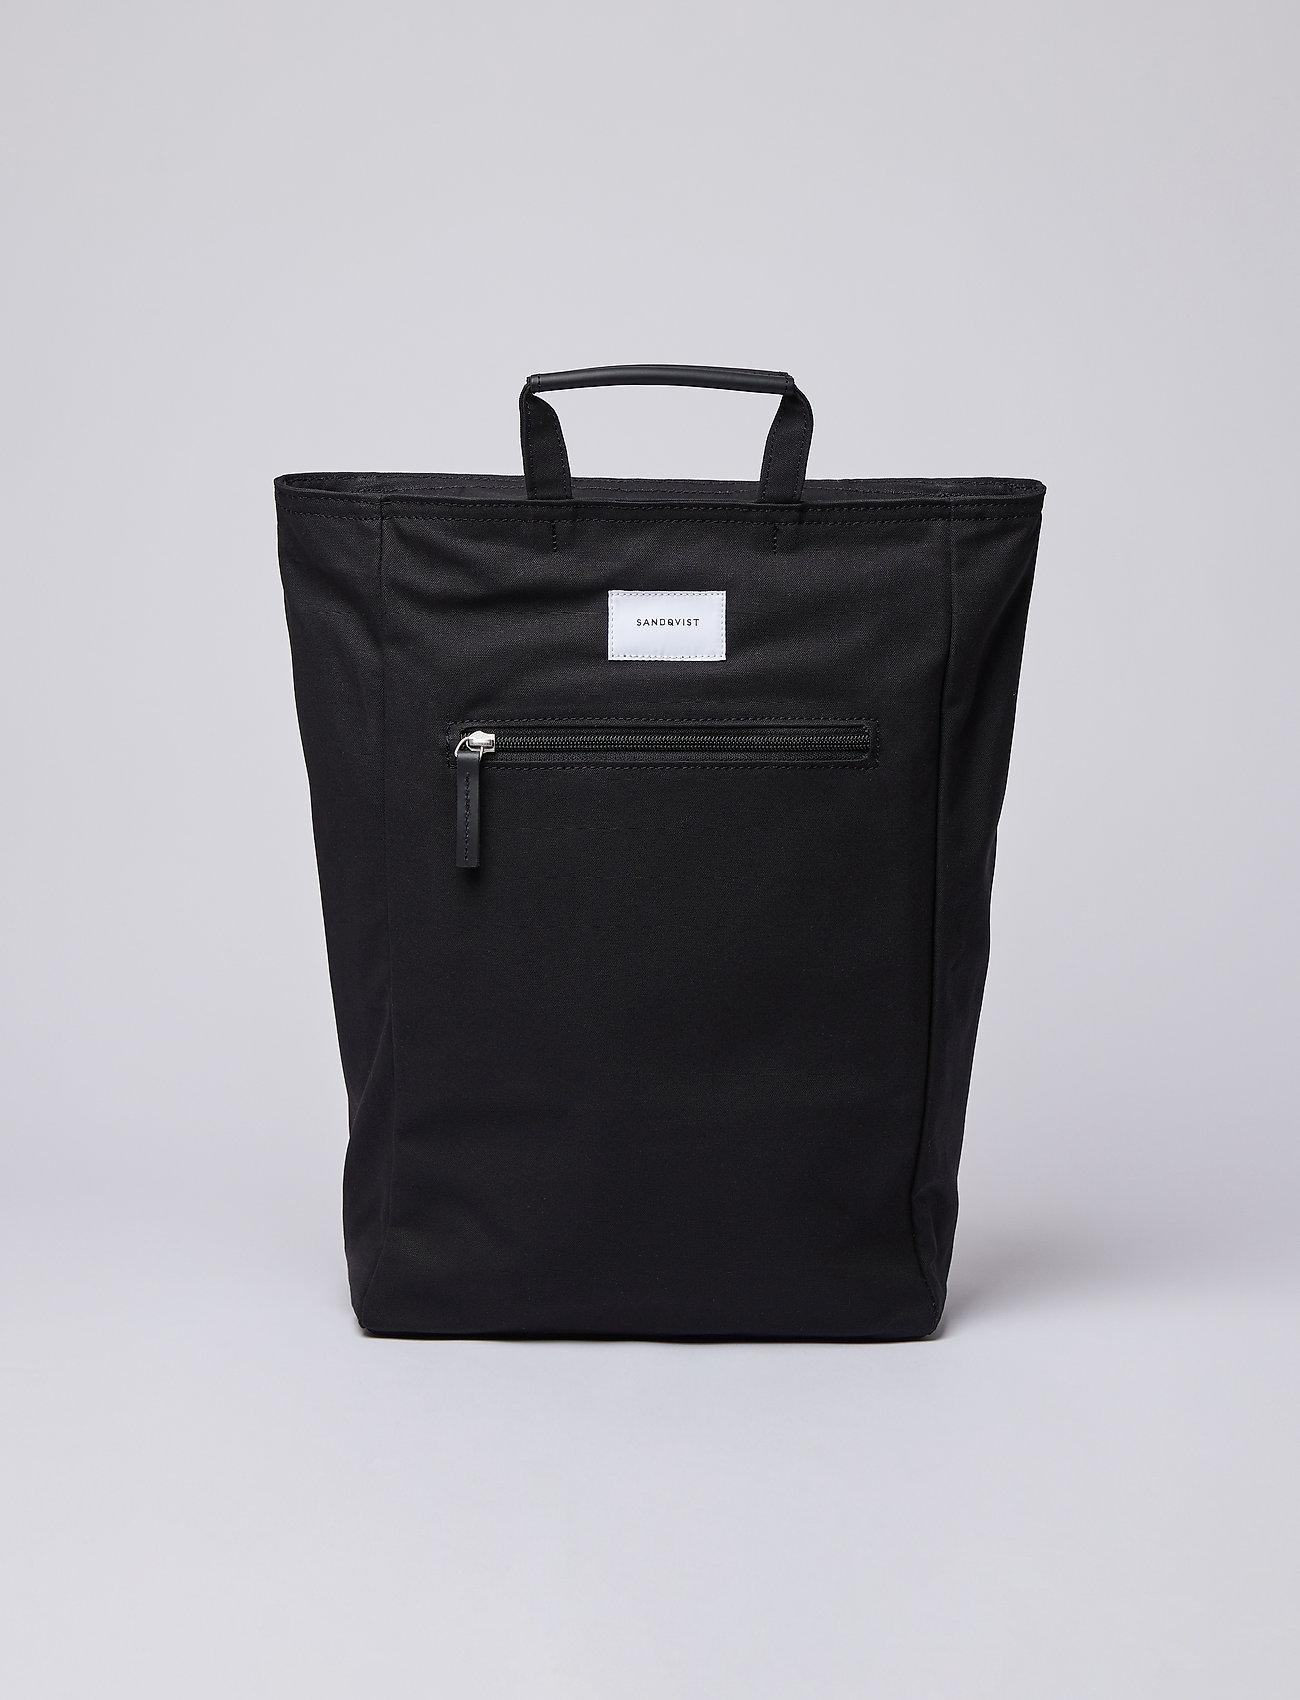 SANDQVIST - TONY - tassen - black - 0